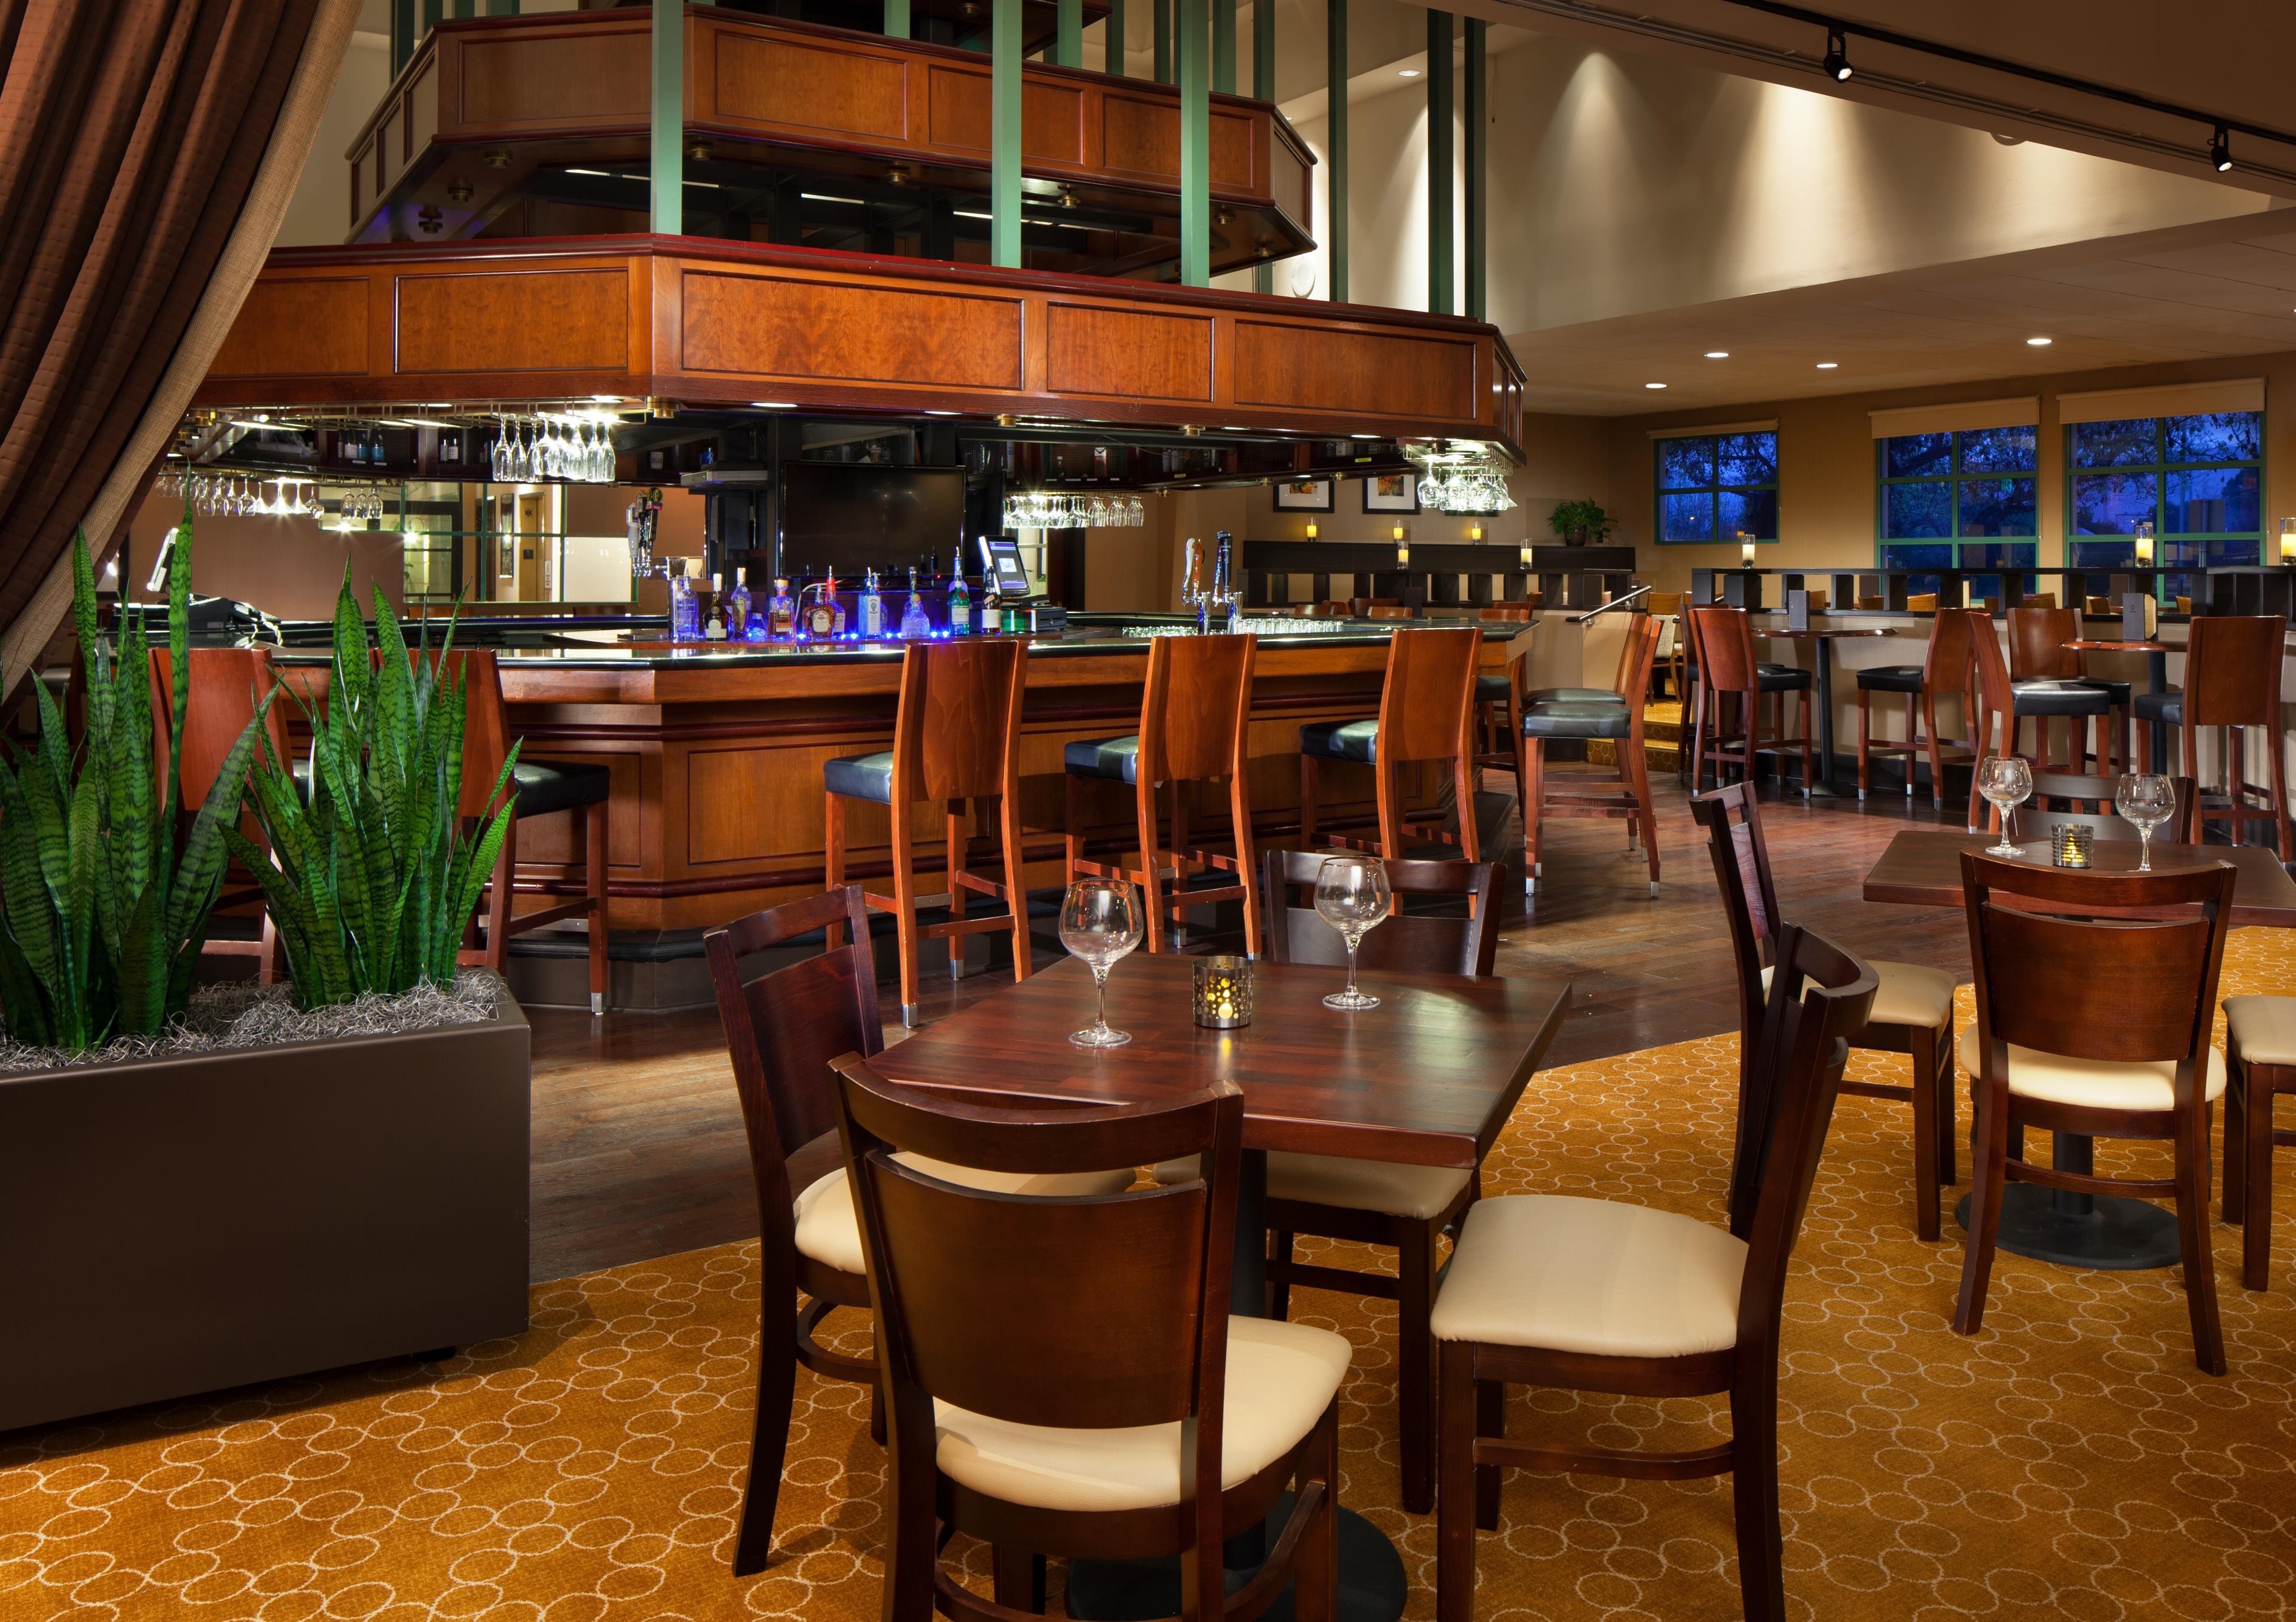 Sheraton San Jose Hotel image 17